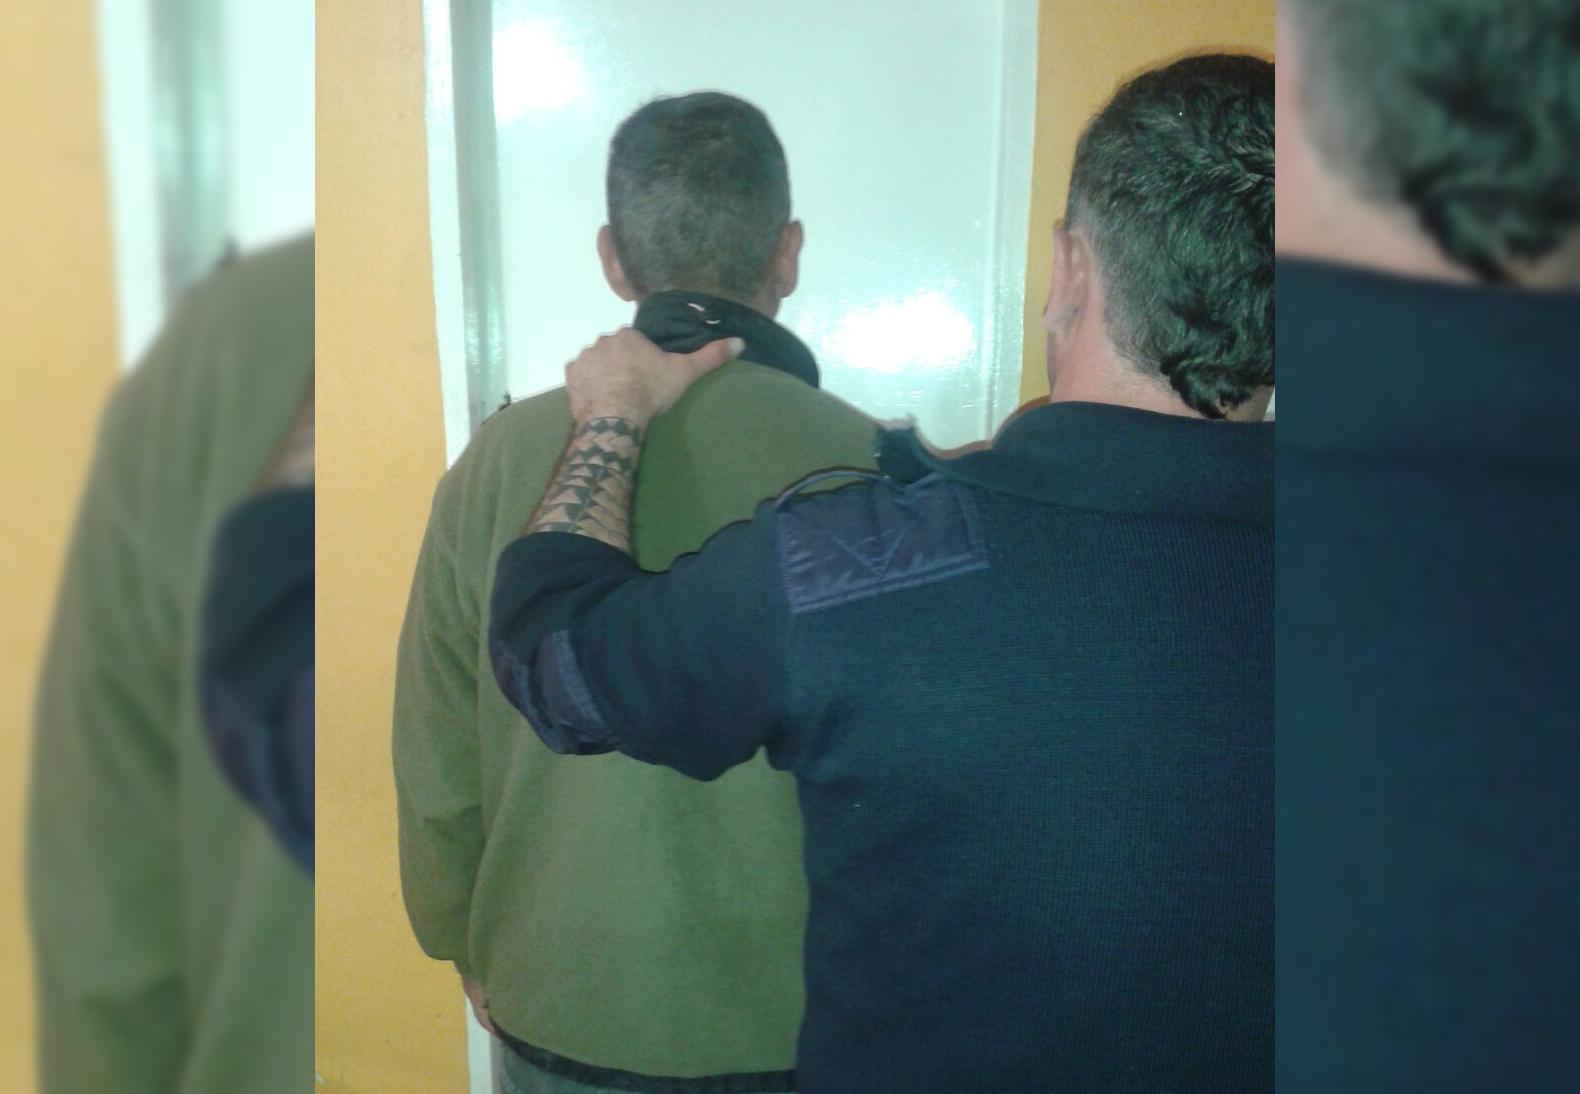 La policía vial de Vivoratá, en conjunto con la Cria 2da de Santa Clara del Mar atraparon a un francés con pedido de captura de Interpol